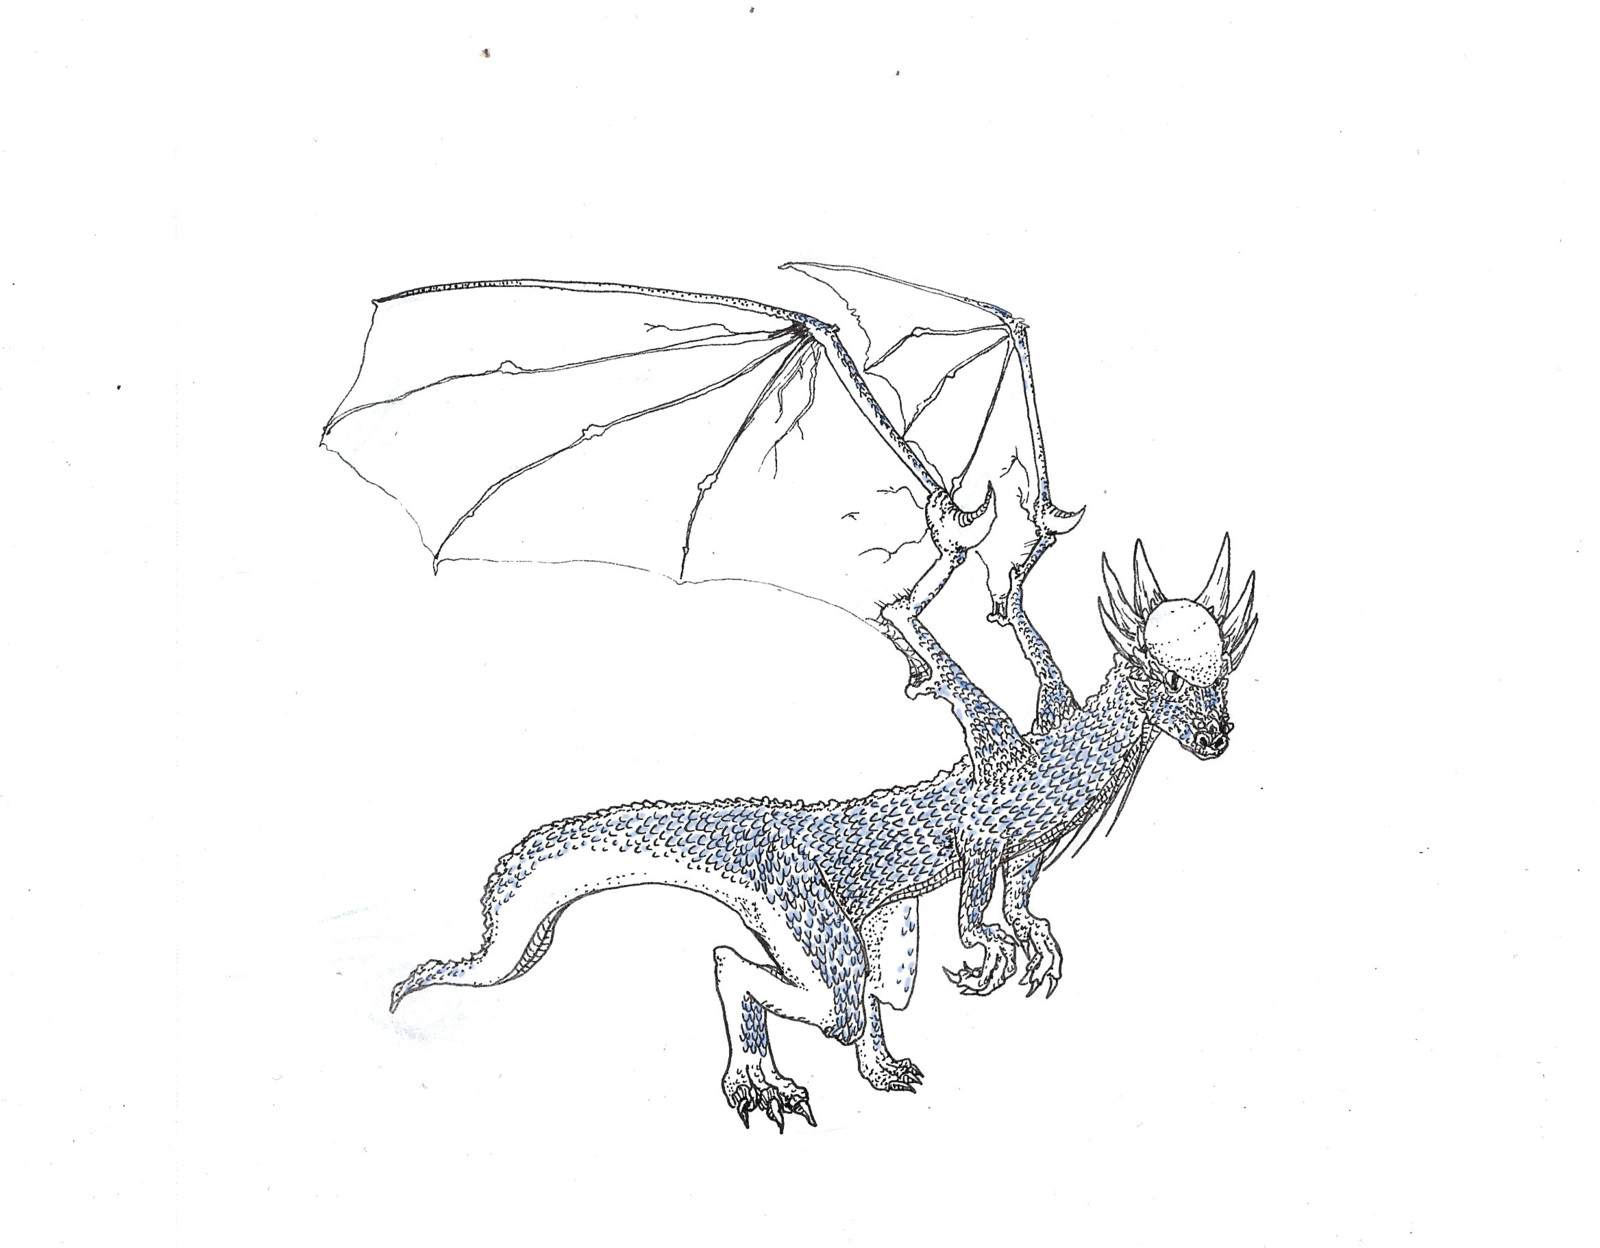 an imaginary winged stygimoloch